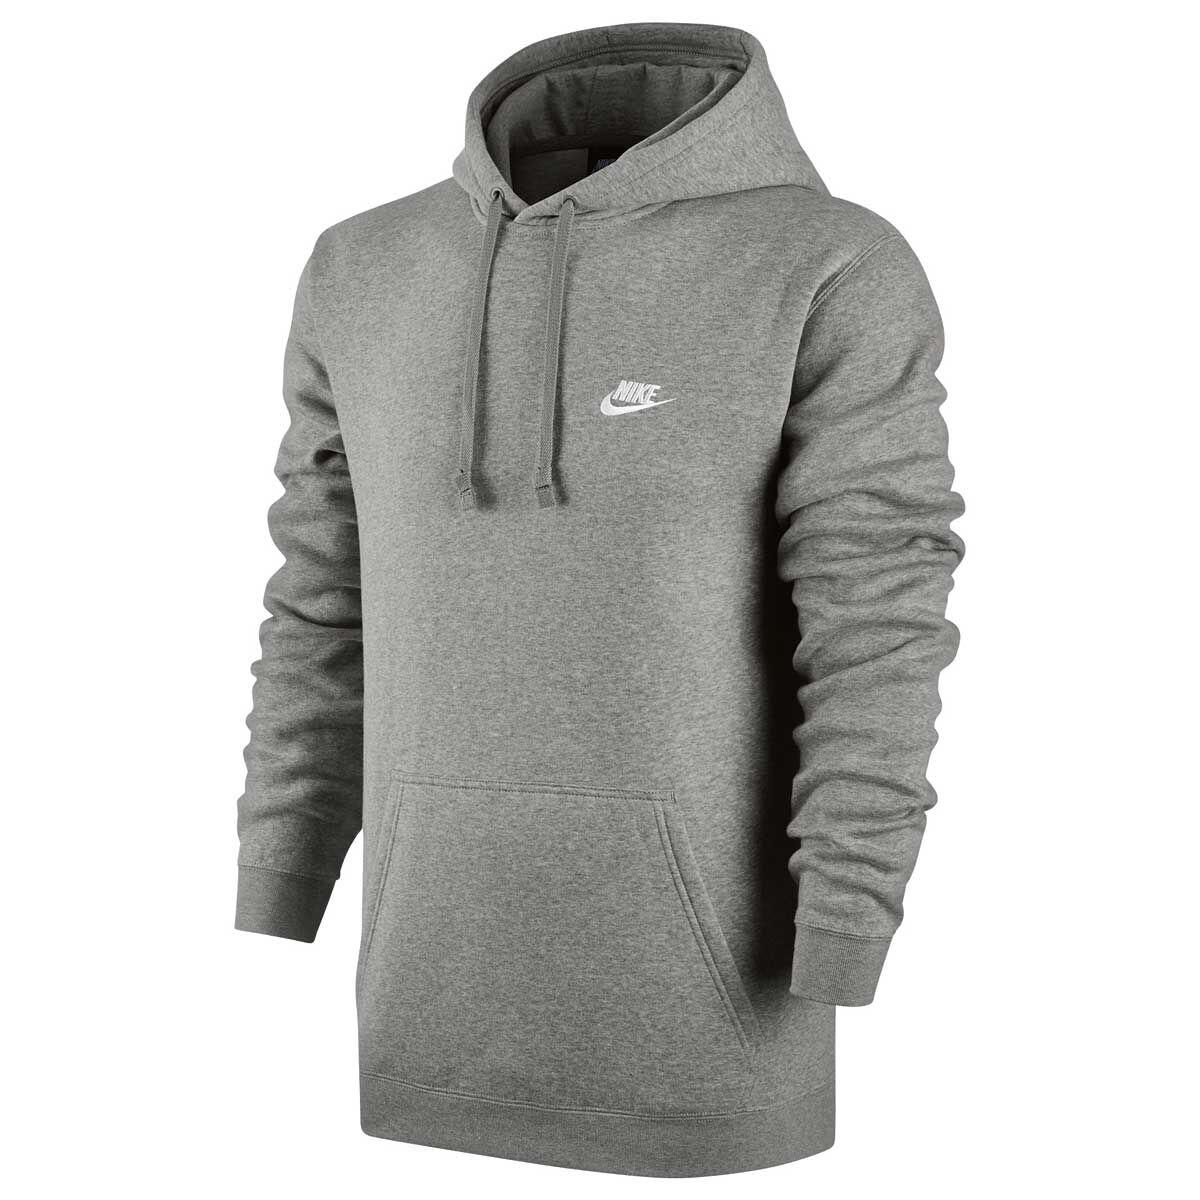 Club Sportswear Nike Mens Hoodie S Grey vyg76Yfb